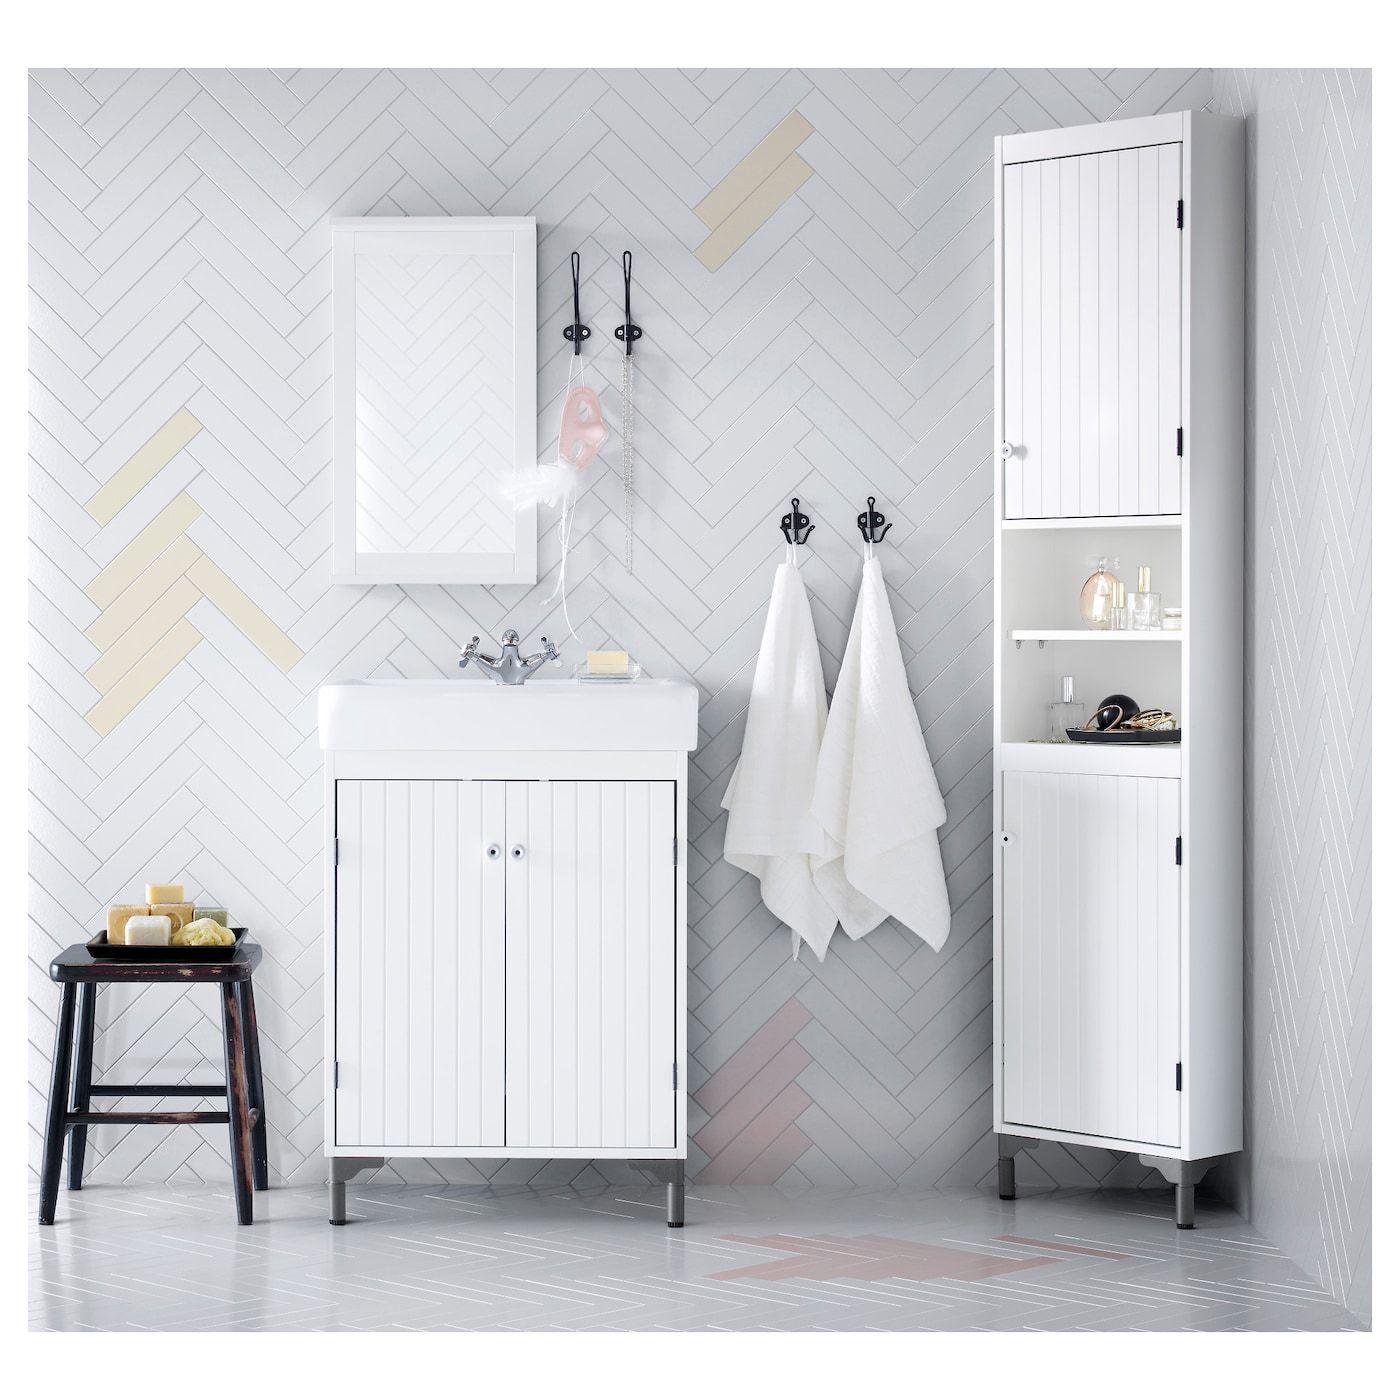 Hamnviken Waschbecken 1 Ikea Badezimmer Ikea Badezimmerschrank